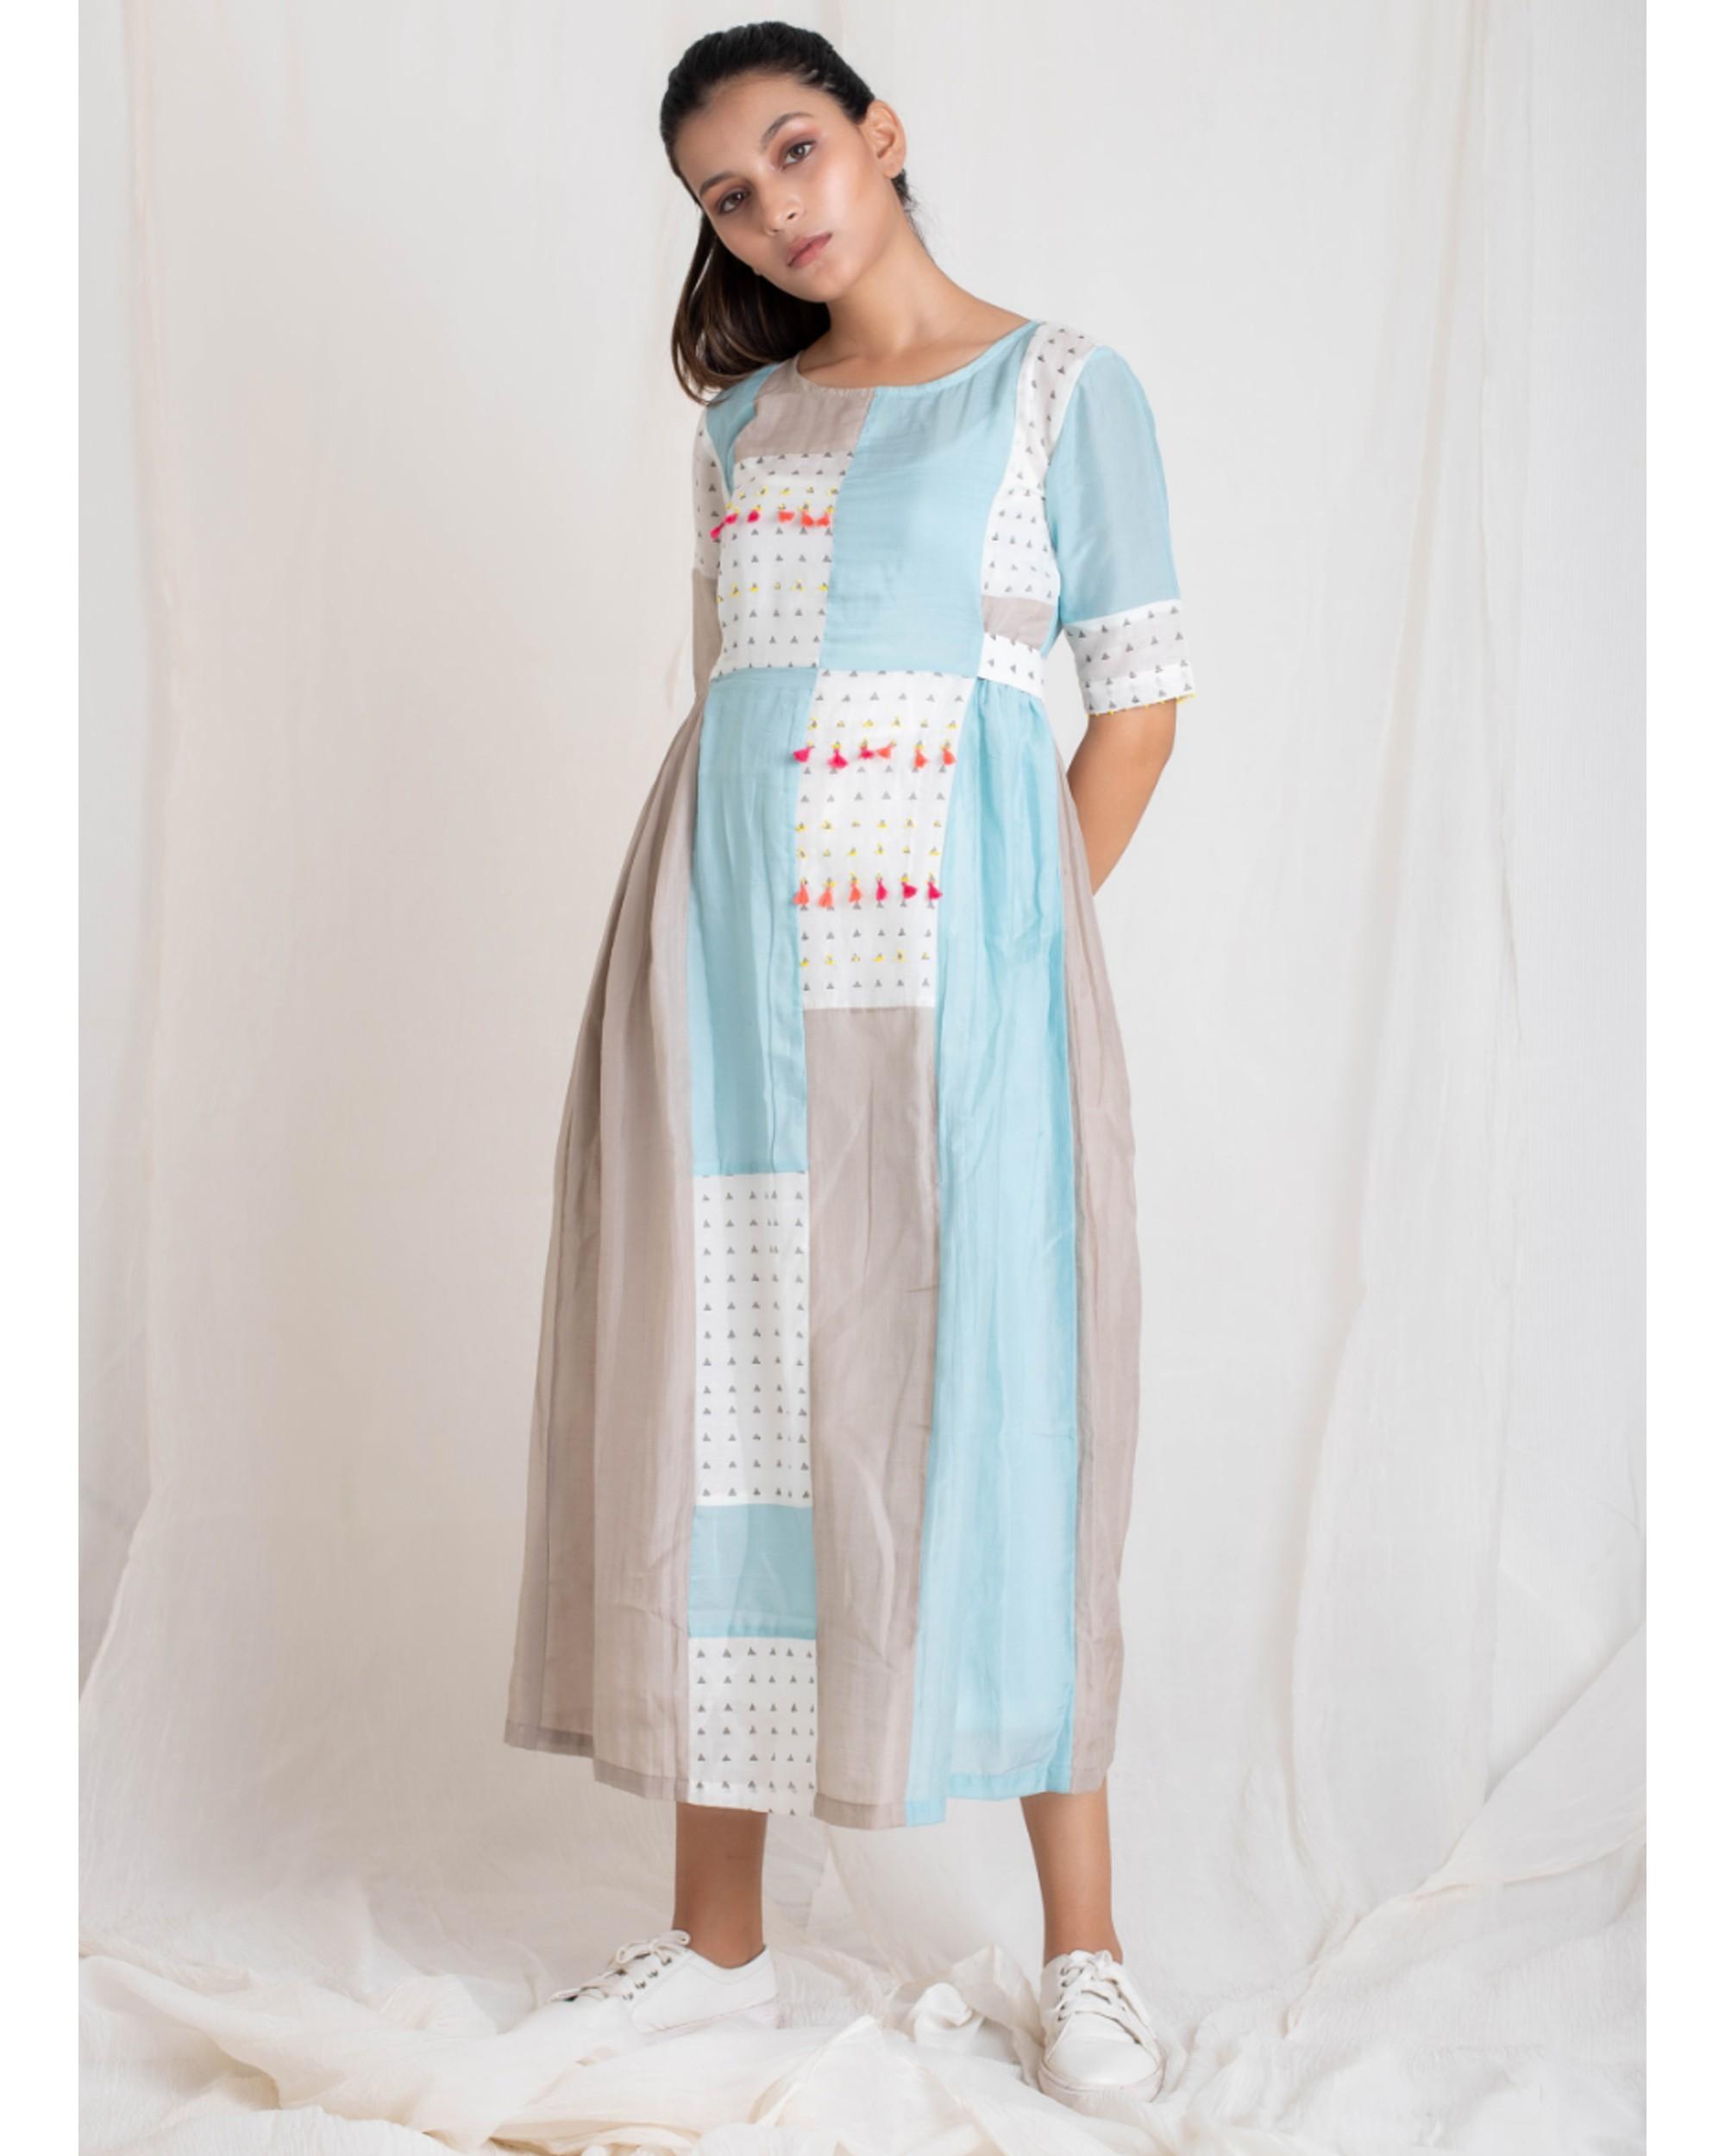 Aqua and ecru multi patch dress